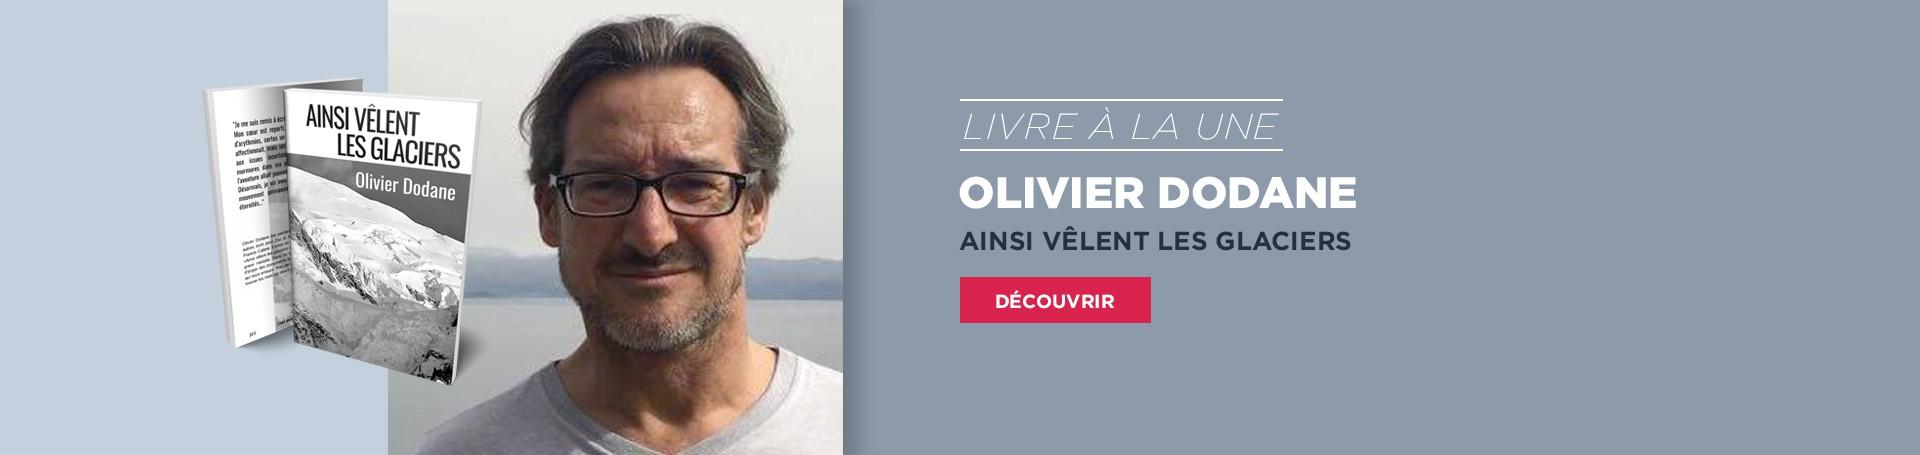 Livre à la une - Olivier Dodane - AINSI VÊLENT LES GLACIERS